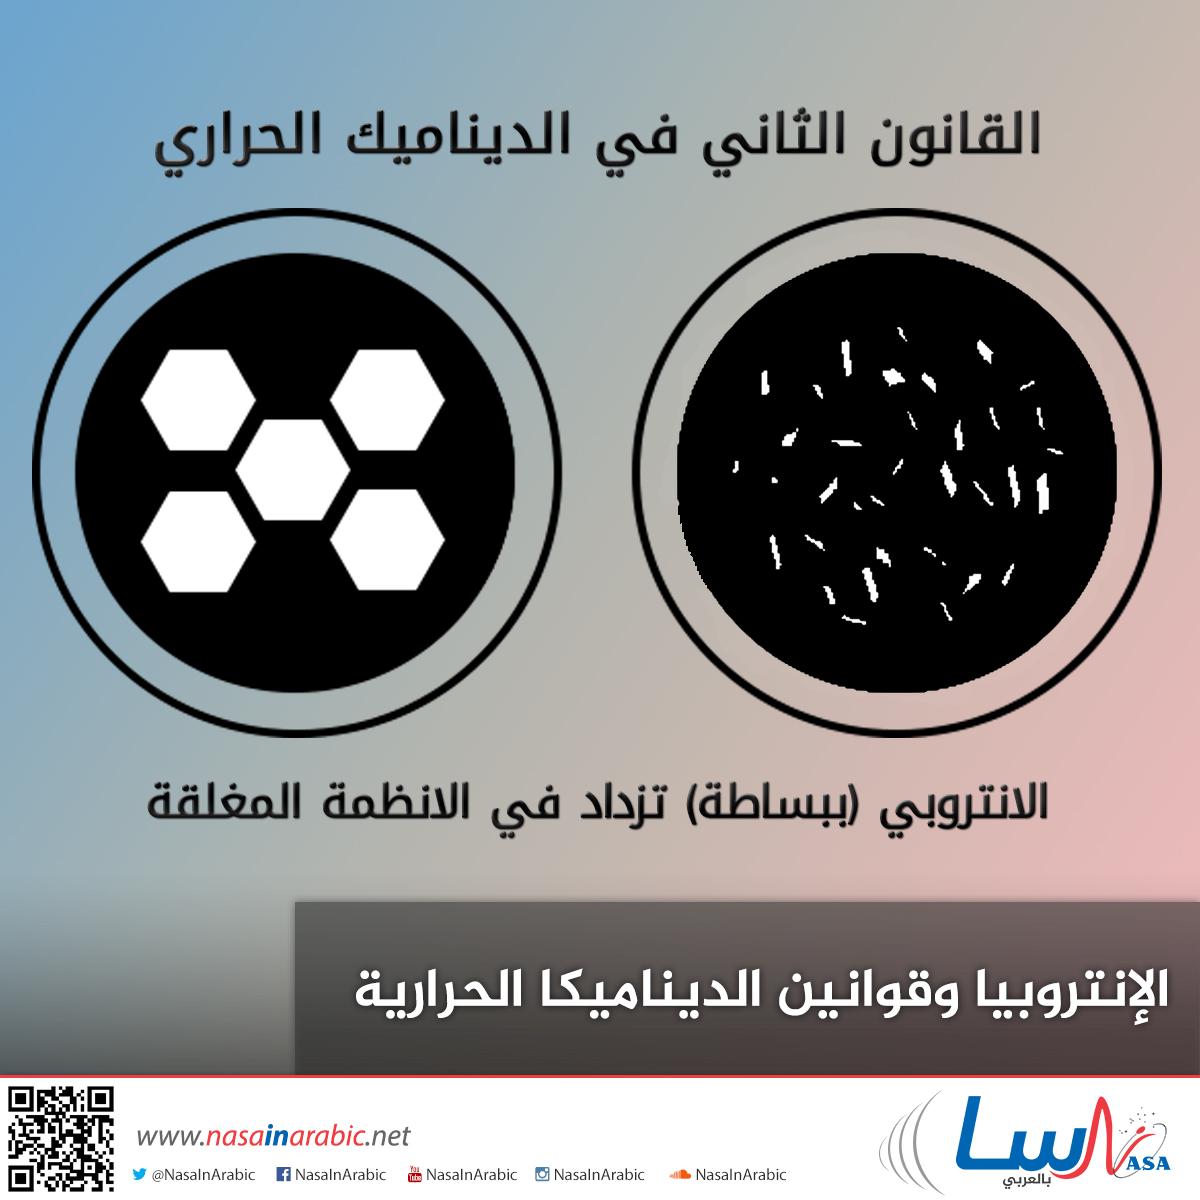 ناسا بالعربي تعليم الإنتروبيا وقوانين الديناميكا الحرارية